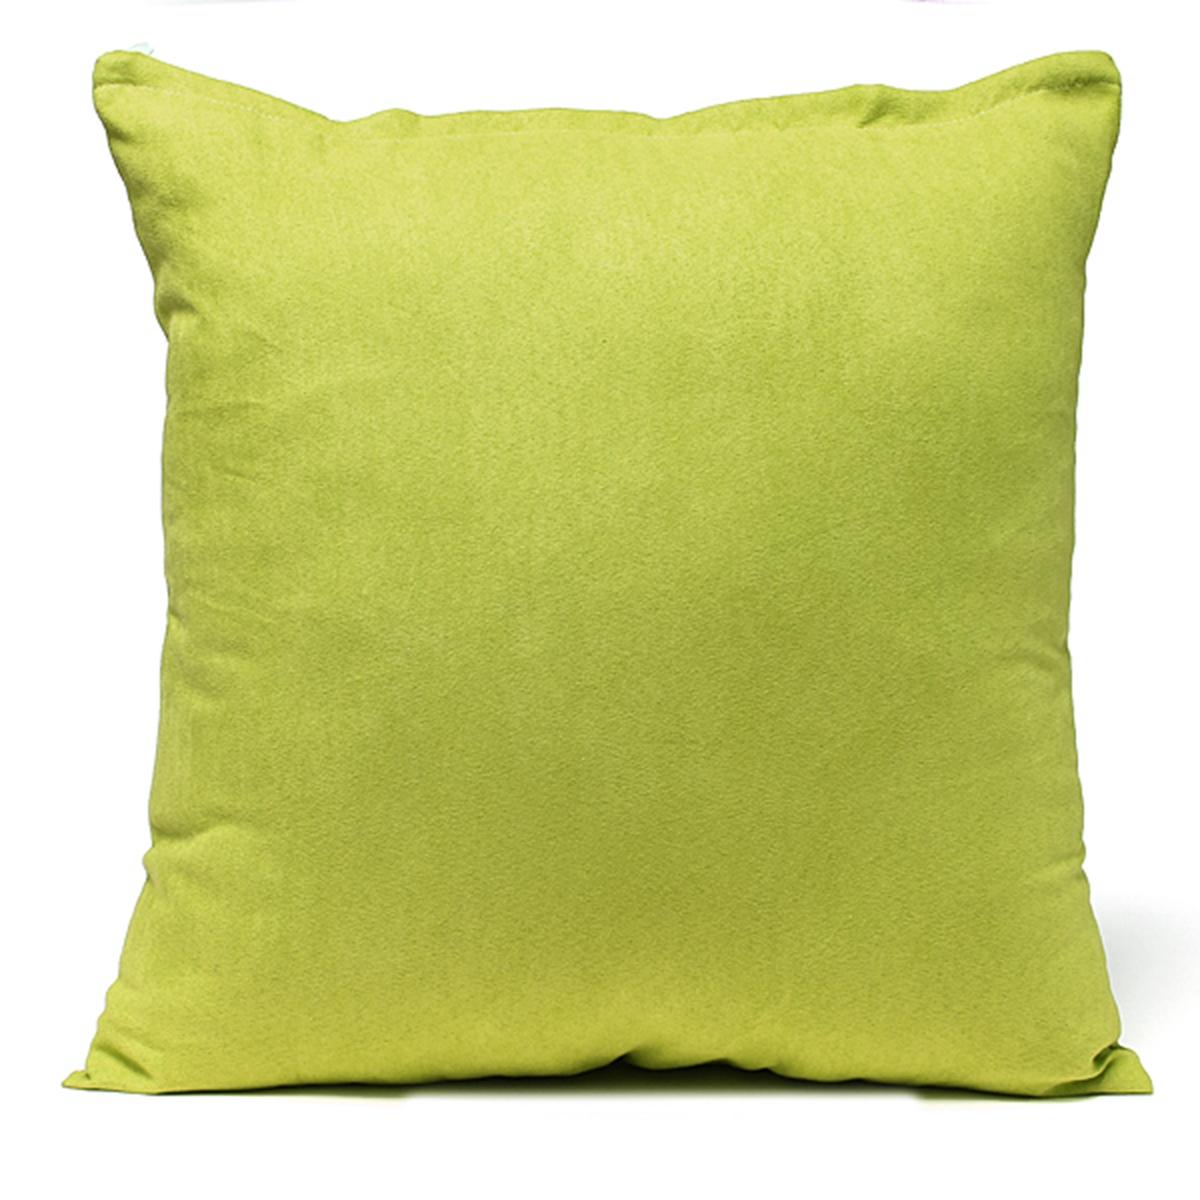 Housse coussin canap lit maison pillow case cover 50x50cm for Housse de coussin de canape